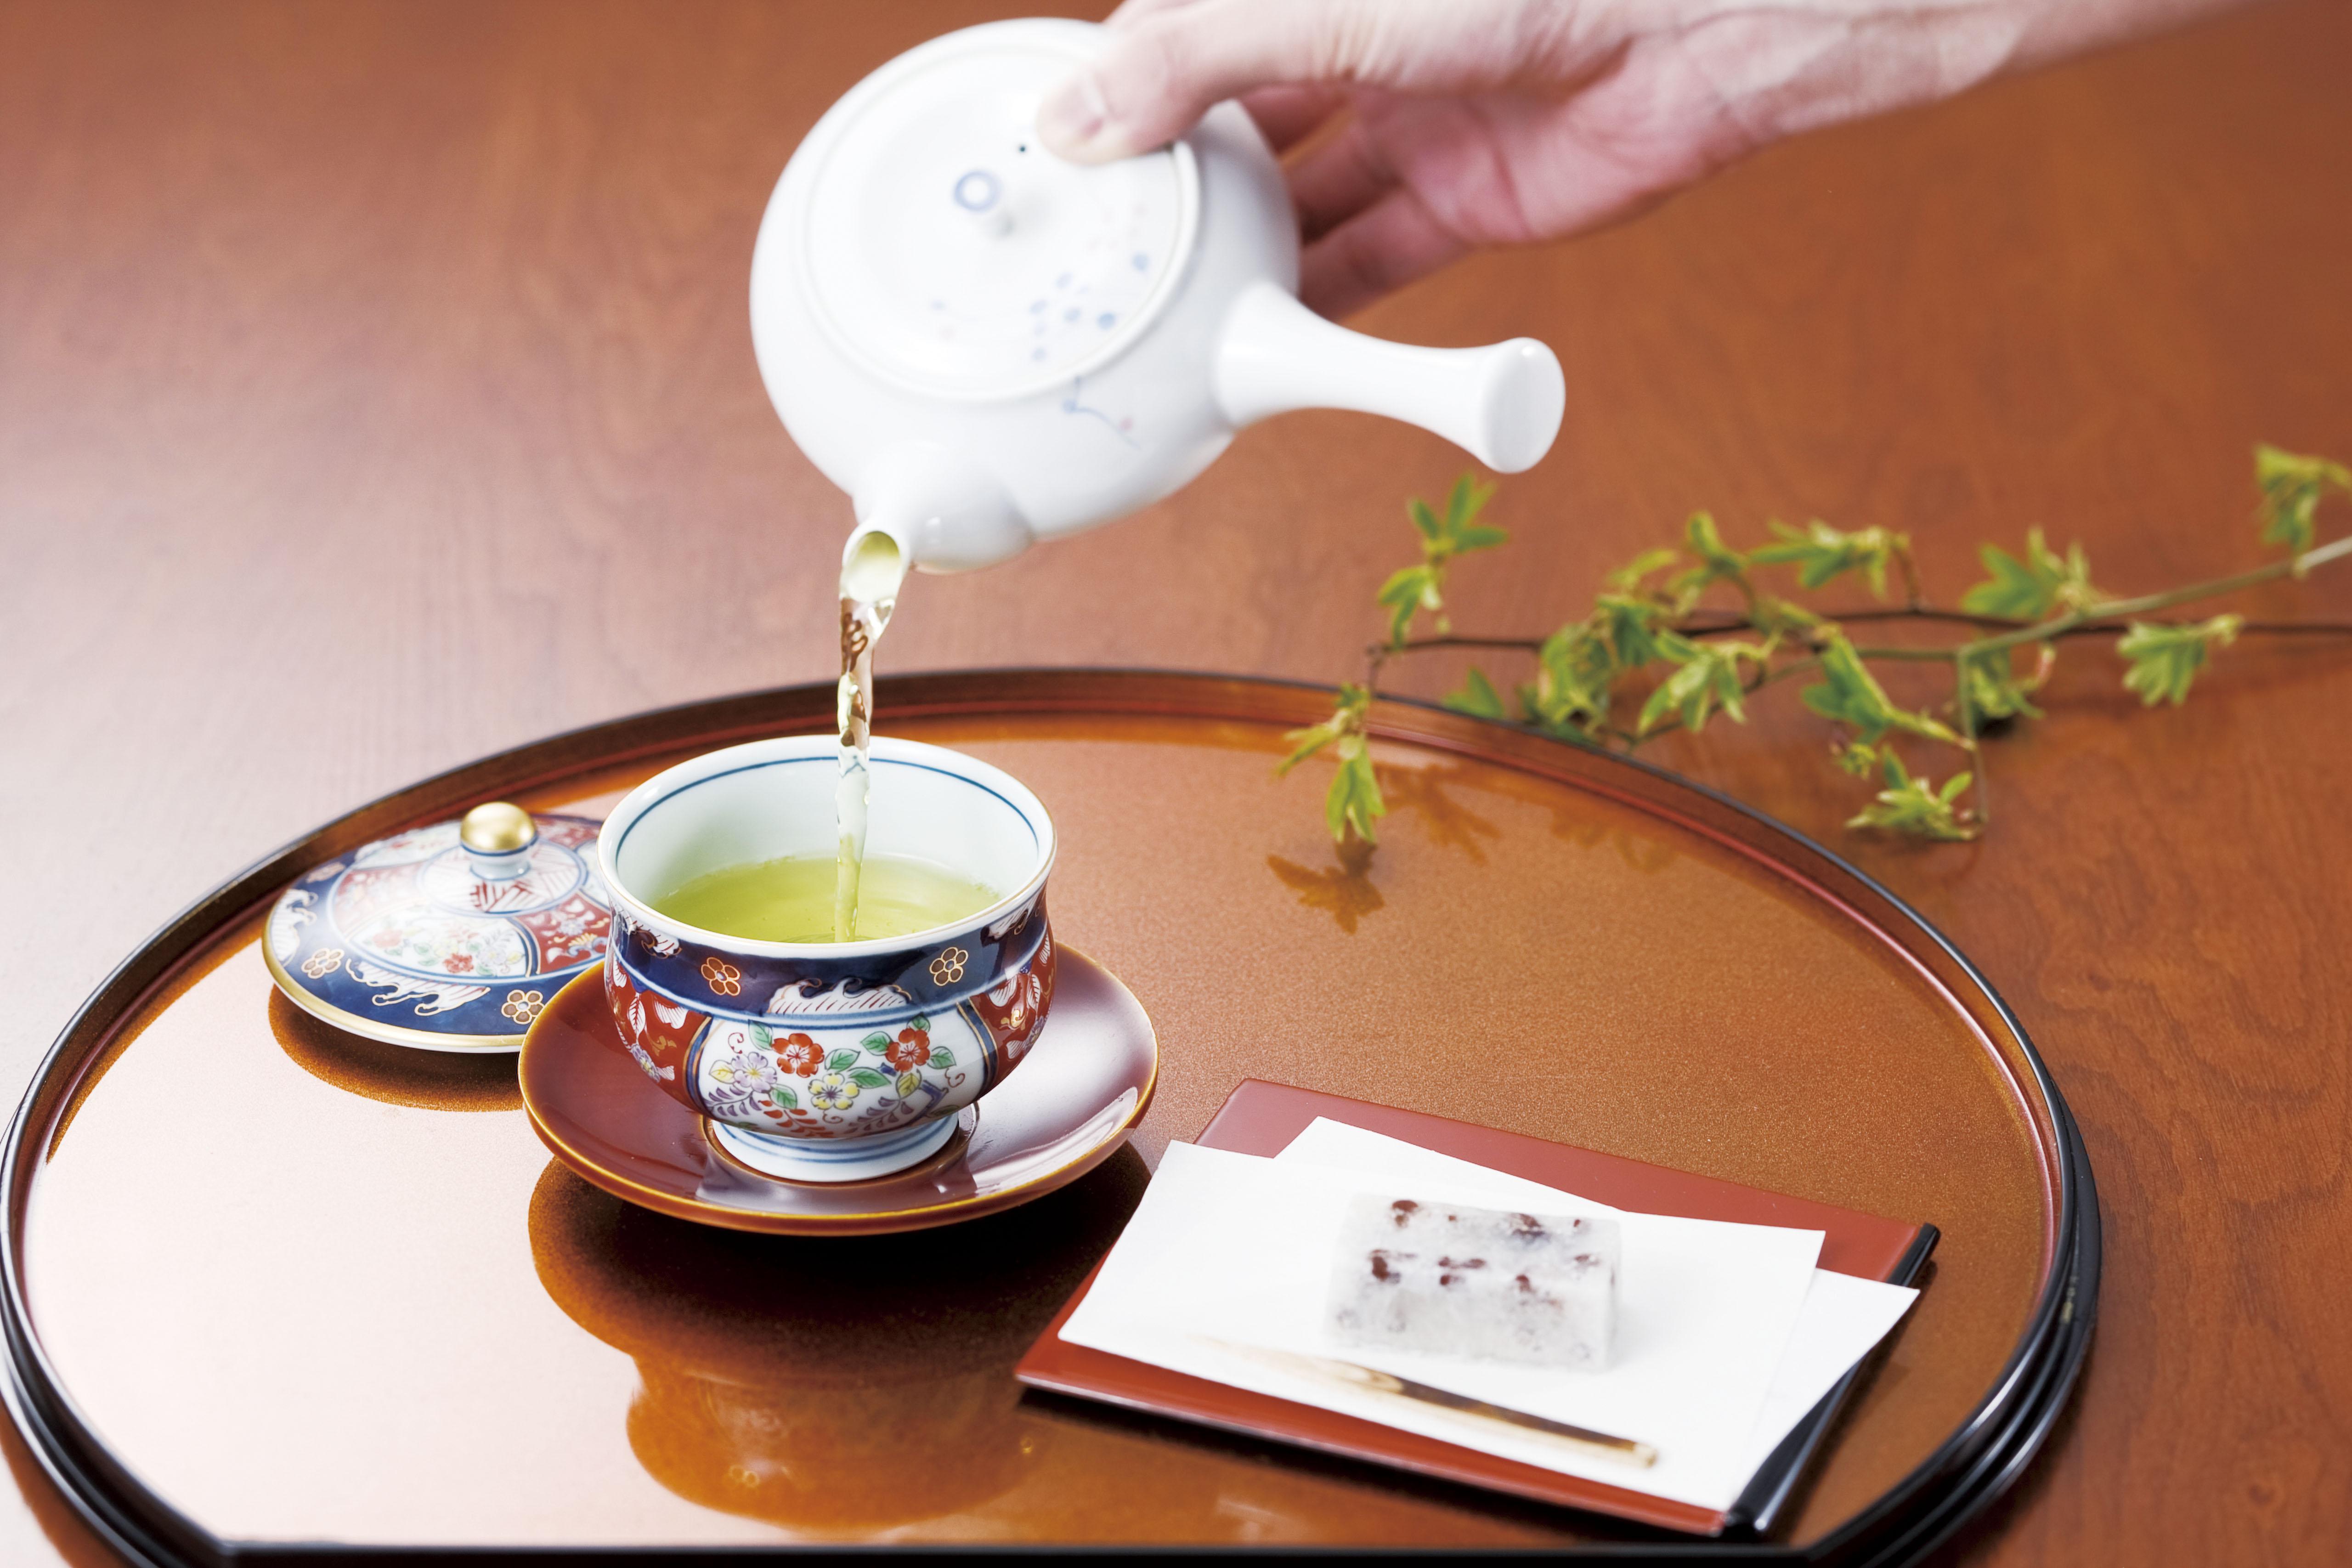 【京都府】京都府産宇治茶詰合せ 上煎茶120g×2、煎茶120g×1